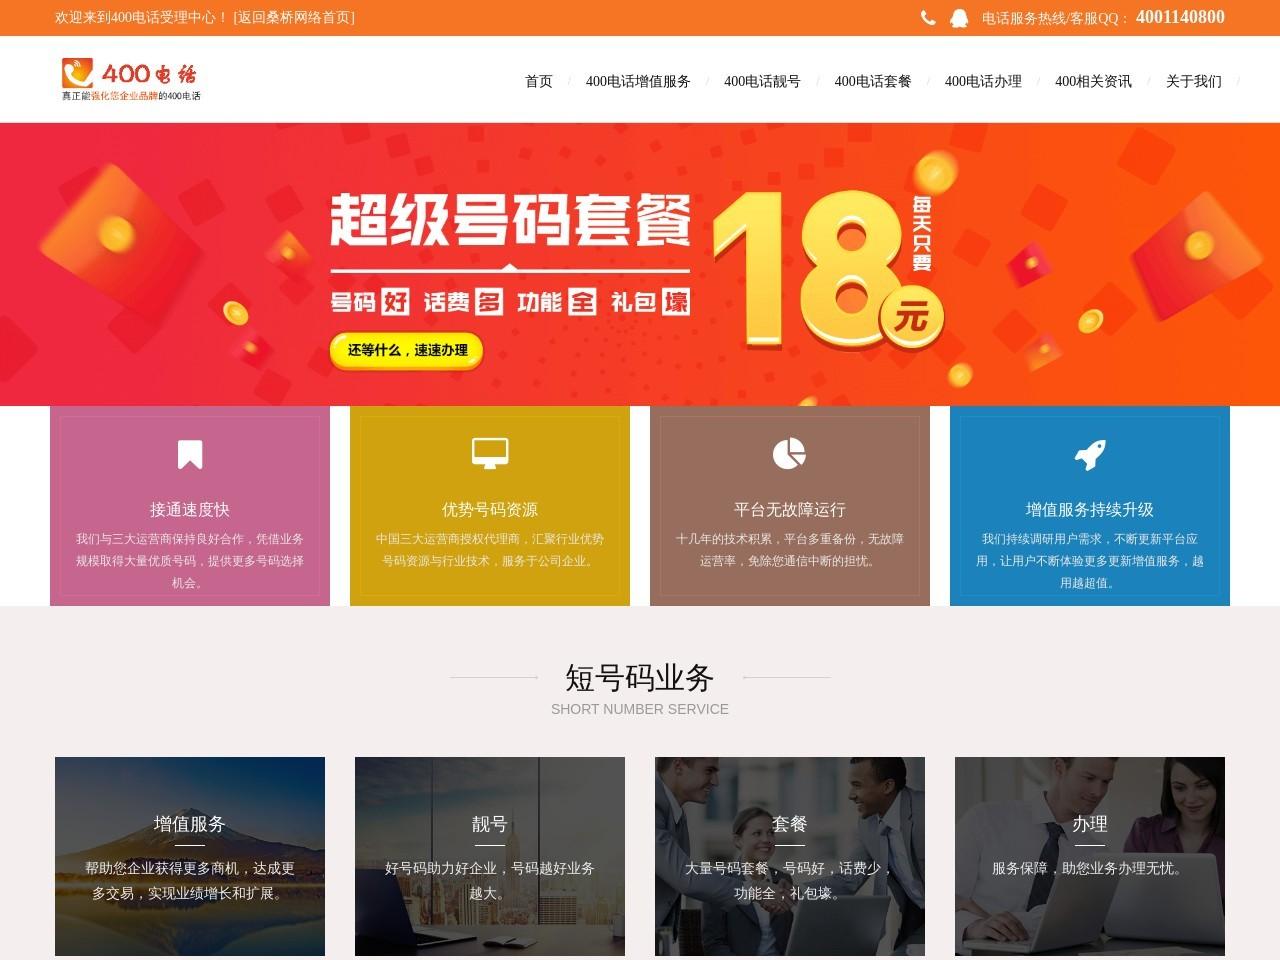 杭州400電話辦理截圖